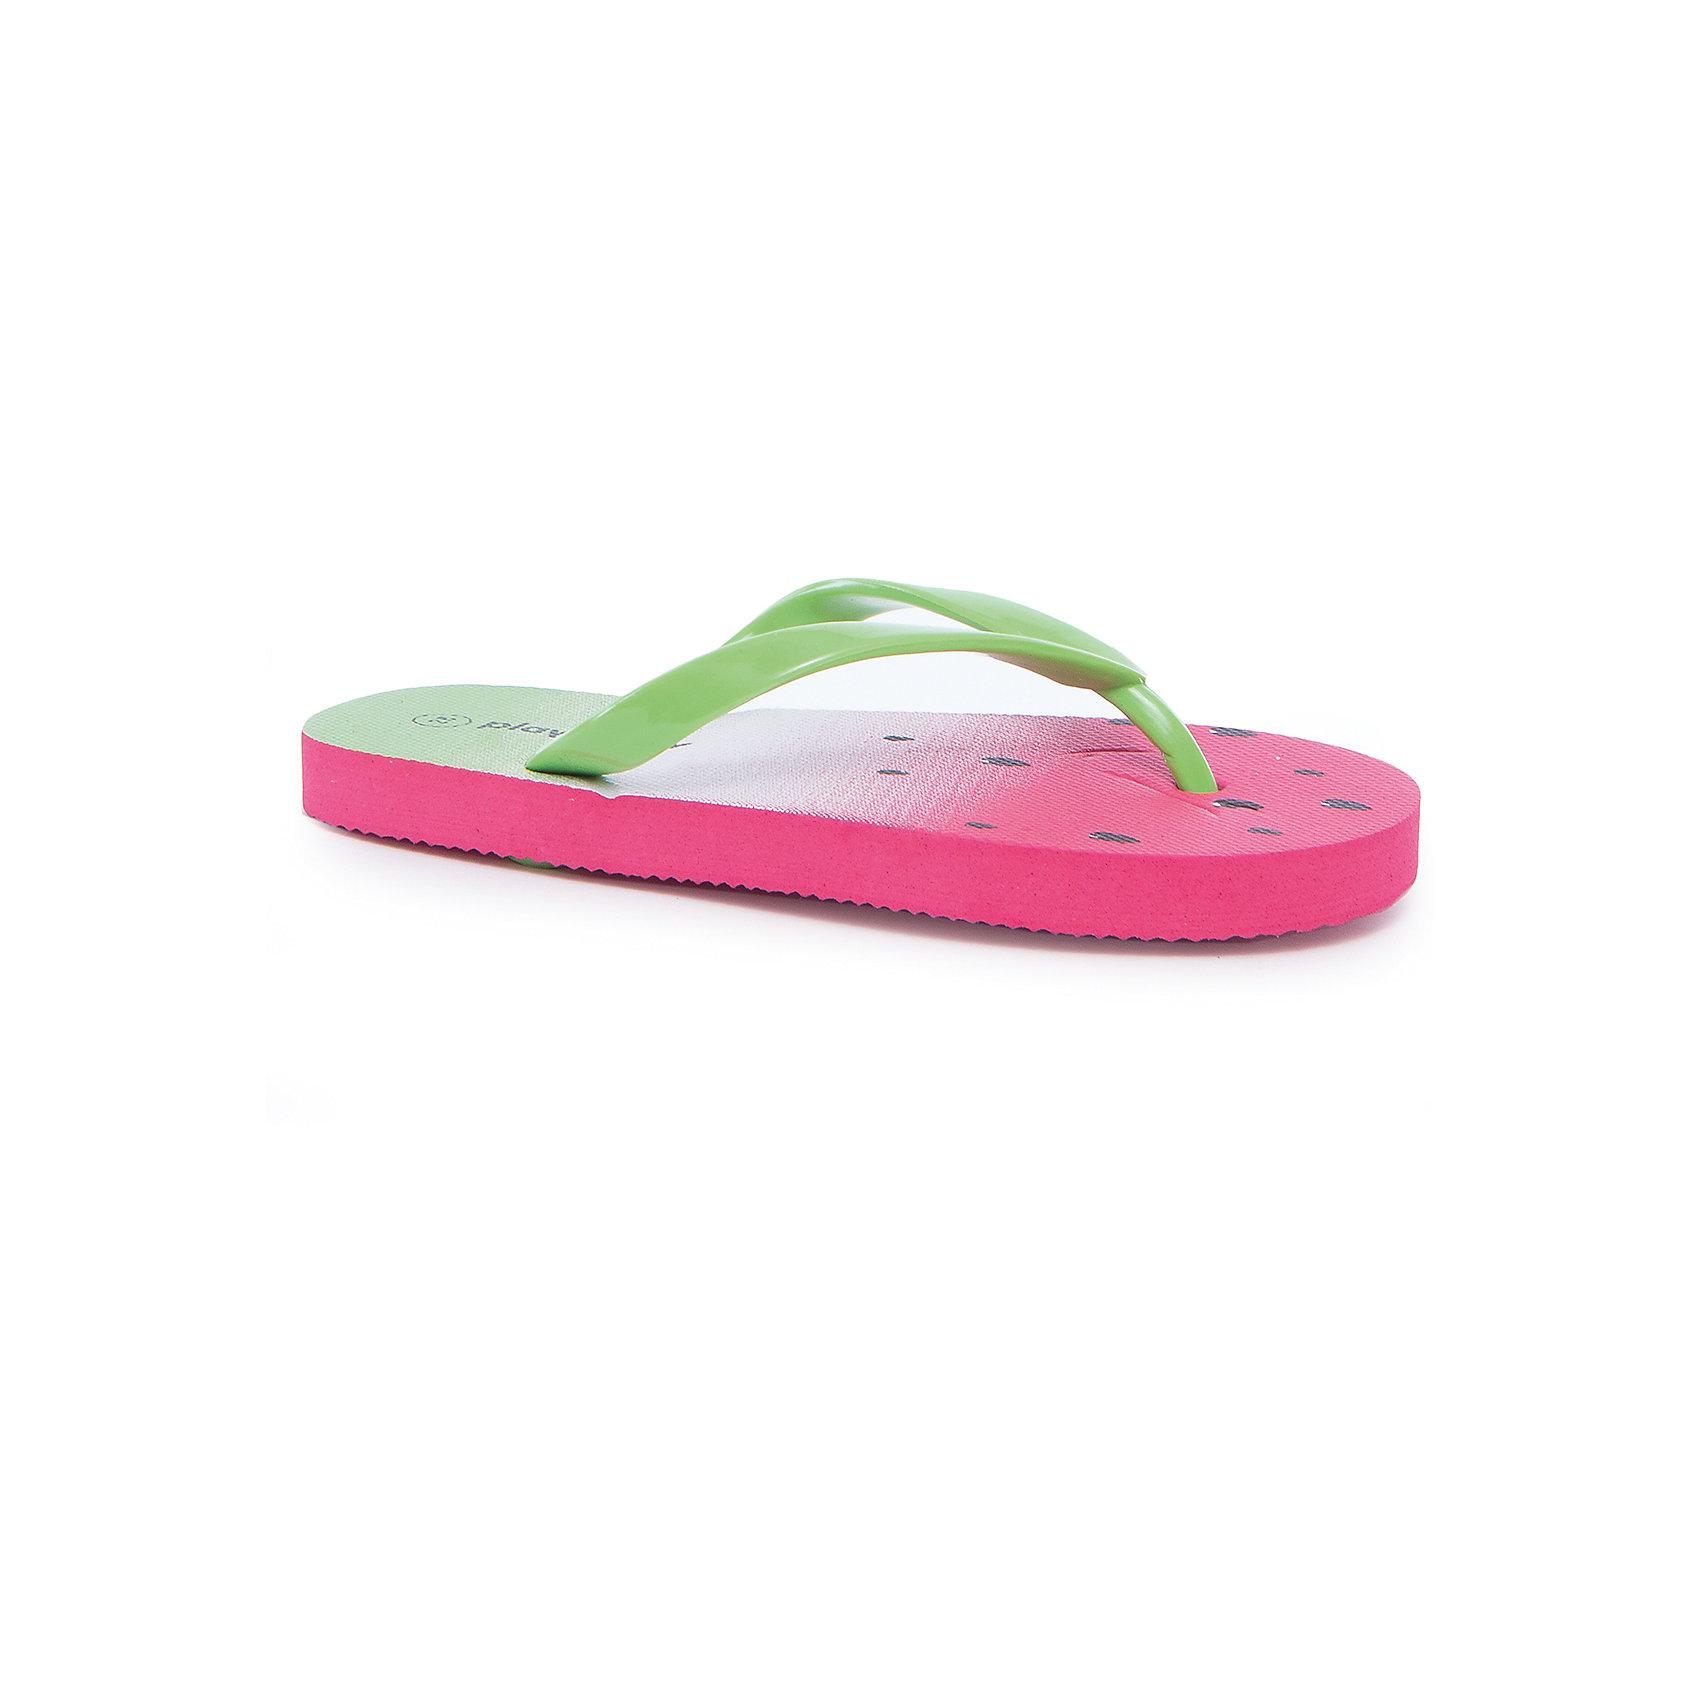 Шлепанцы для девочки PlayTodayПляжная обувь<br>Характеристики товара:<br><br>• цвет: разноцветный<br>• состав: поливинилхлорид<br>• стильный дизайн<br>• качественный материал<br>• устойчивая подошва<br>• легкие<br>• комфортная посадка<br>• коллекция: весна-лето 2017<br>• страна бренда: Германия<br>• страна производства: Китай<br><br>Популярный бренд PlayToday выпустил новую коллекцию! Вещи из неё продолжают радовать покупателей удобством, стильным дизайном и продуманным кроем. Дети носят их с удовольствием. PlayToday - это линейка товаров, созданная специально для детей. Дизайнеры учитывают новые веяния моды и потребности детей. Порадуйте ребенка обновкой от проверенного производителя!<br>Эти пантолеты обеспечат ребенку комфорт благодаря качественному материалу и удобной форме. Они удобно сидят, не сковывают движения - отличный вариант обуви для детей. Не натирают, позволяют коже дышать.<br><br>Пантолеты для девочки от известного бренда PlayToday можно купить в нашем интернет-магазине.<br><br>Ширина мм: 225<br>Глубина мм: 139<br>Высота мм: 112<br>Вес г: 290<br>Цвет: белый<br>Возраст от месяцев: 120<br>Возраст до месяцев: 132<br>Пол: Женский<br>Возраст: Детский<br>Размер: 34,33,28,29,30,31,32<br>SKU: 5404580